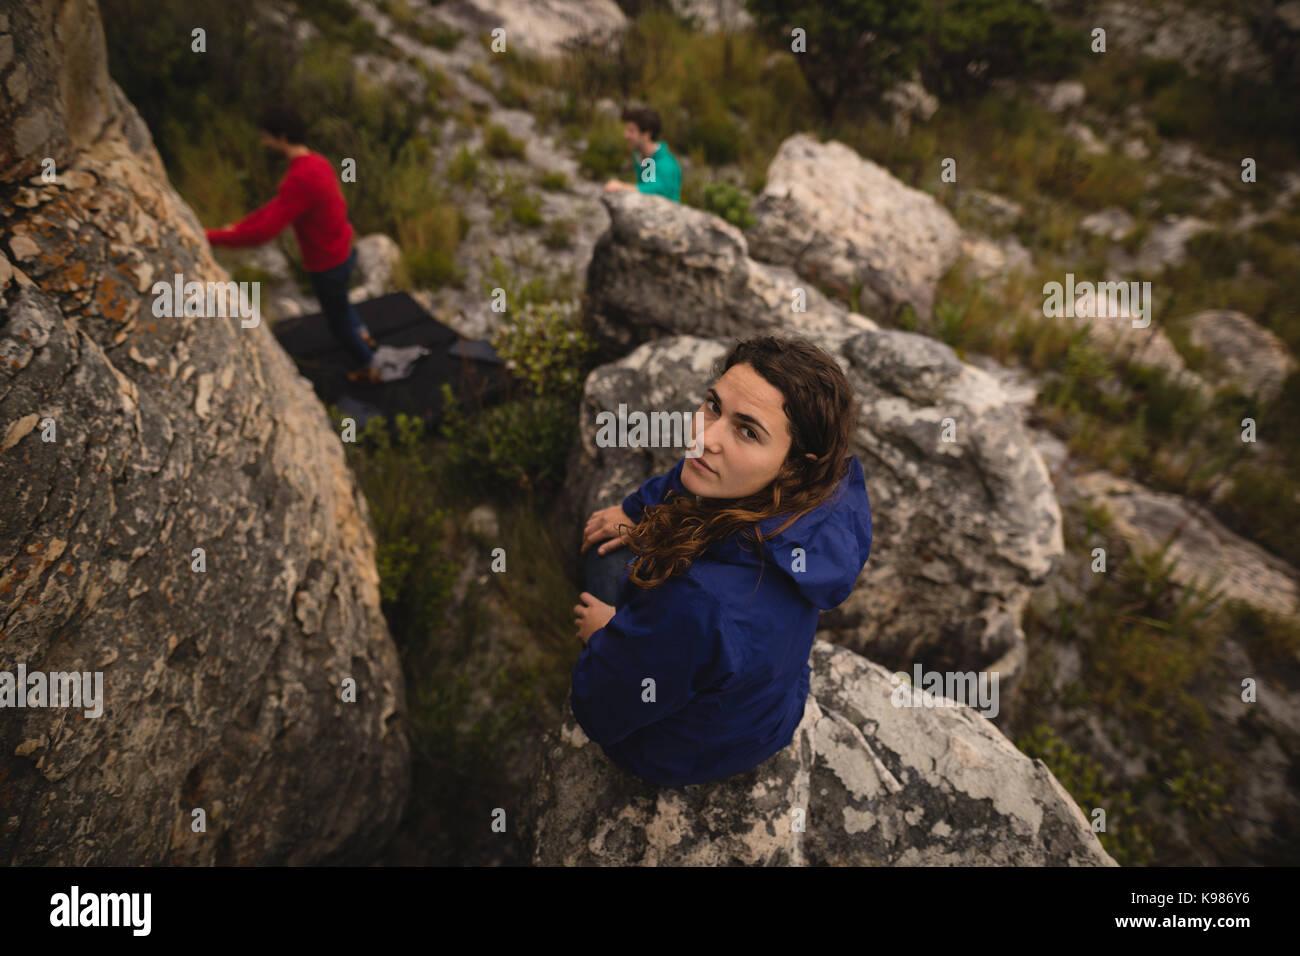 Retrato de mujer confía en Cliff permanente Imagen De Stock